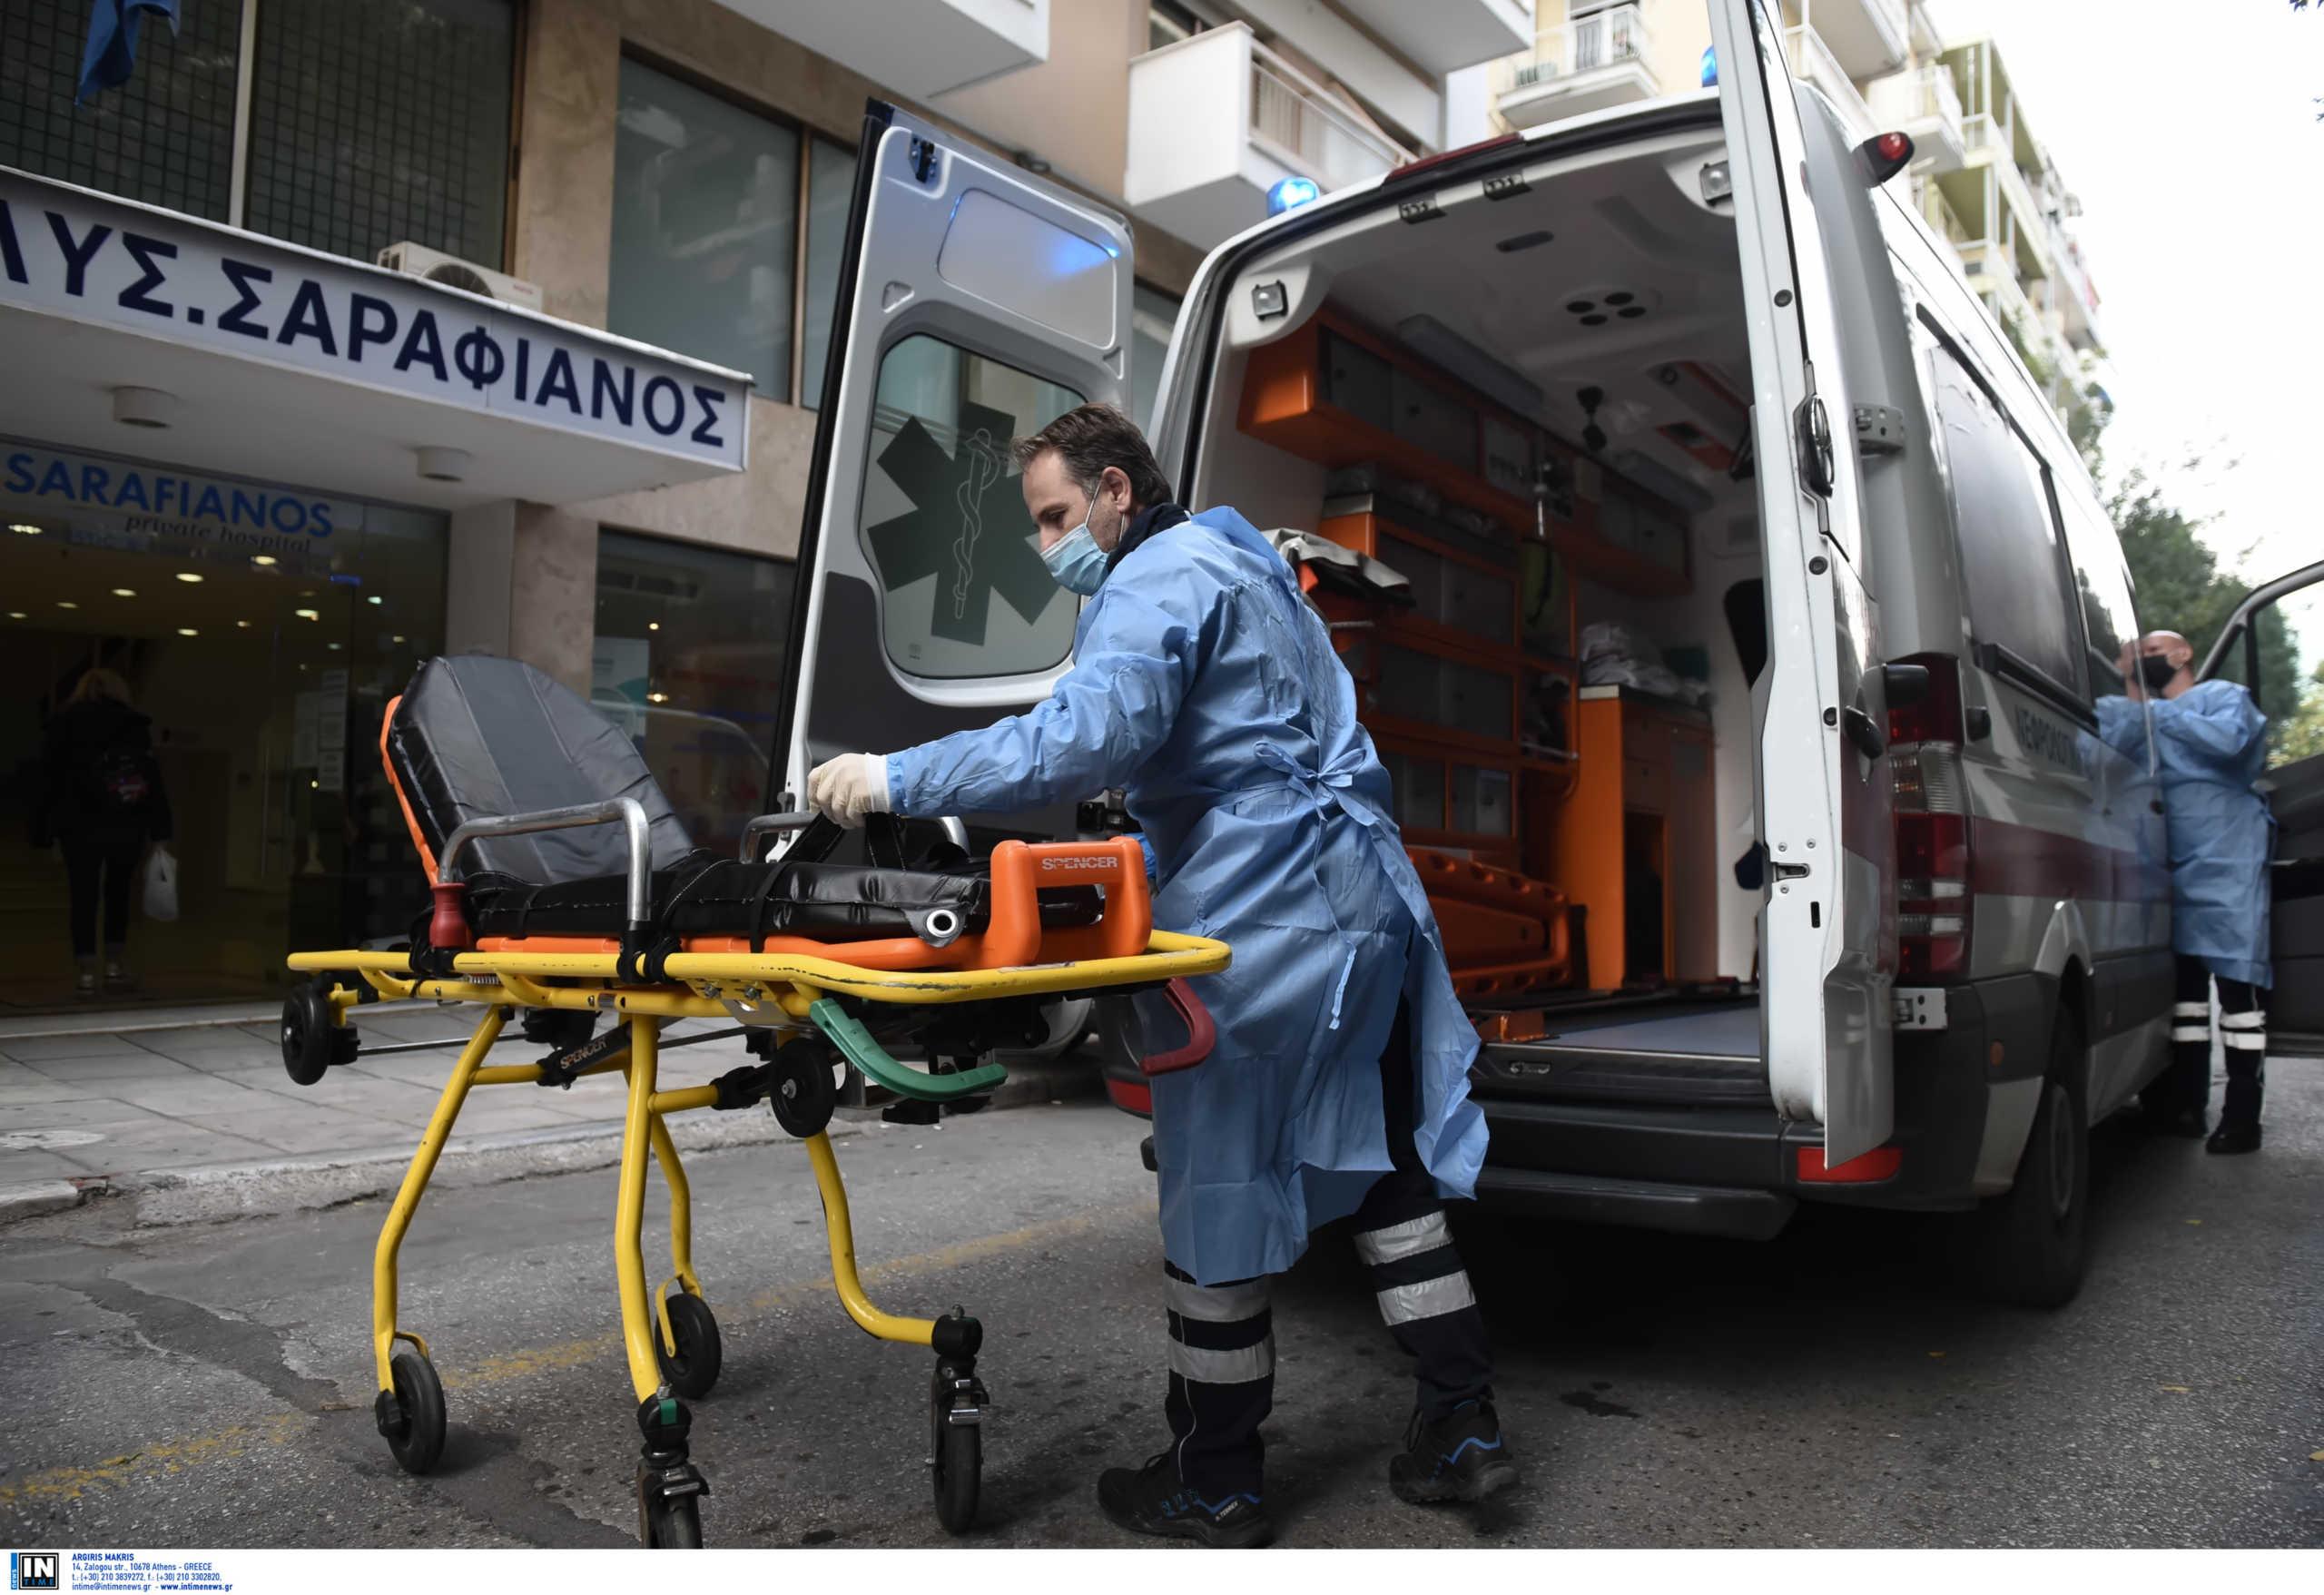 Θεσσαλονίκη: Άρχισαν οι διακομιδές ασθενών από τις κλινικές που έχουν επιταχθεί